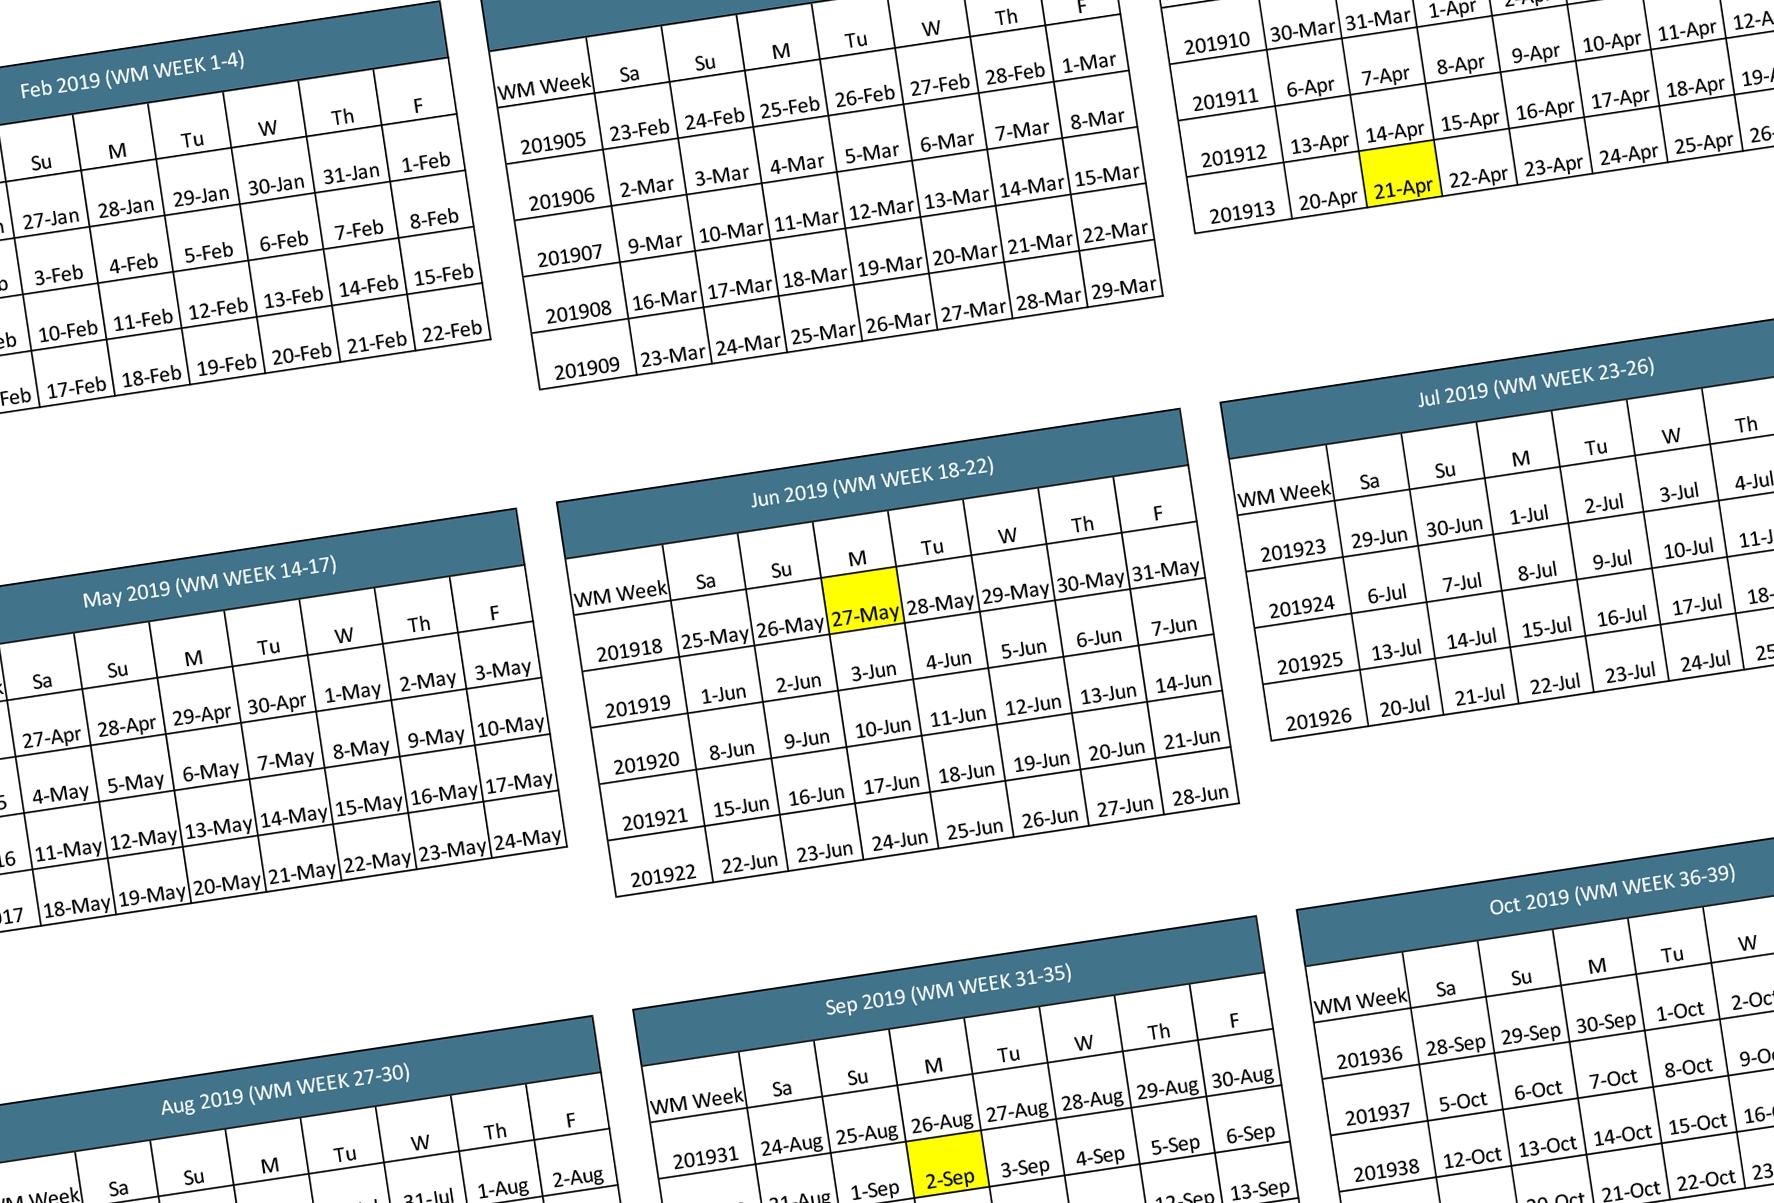 Walmart 2019-2020 Fiscal Calendar | Walmart Supplier News And Resources 2019 Calendar 4-5-4